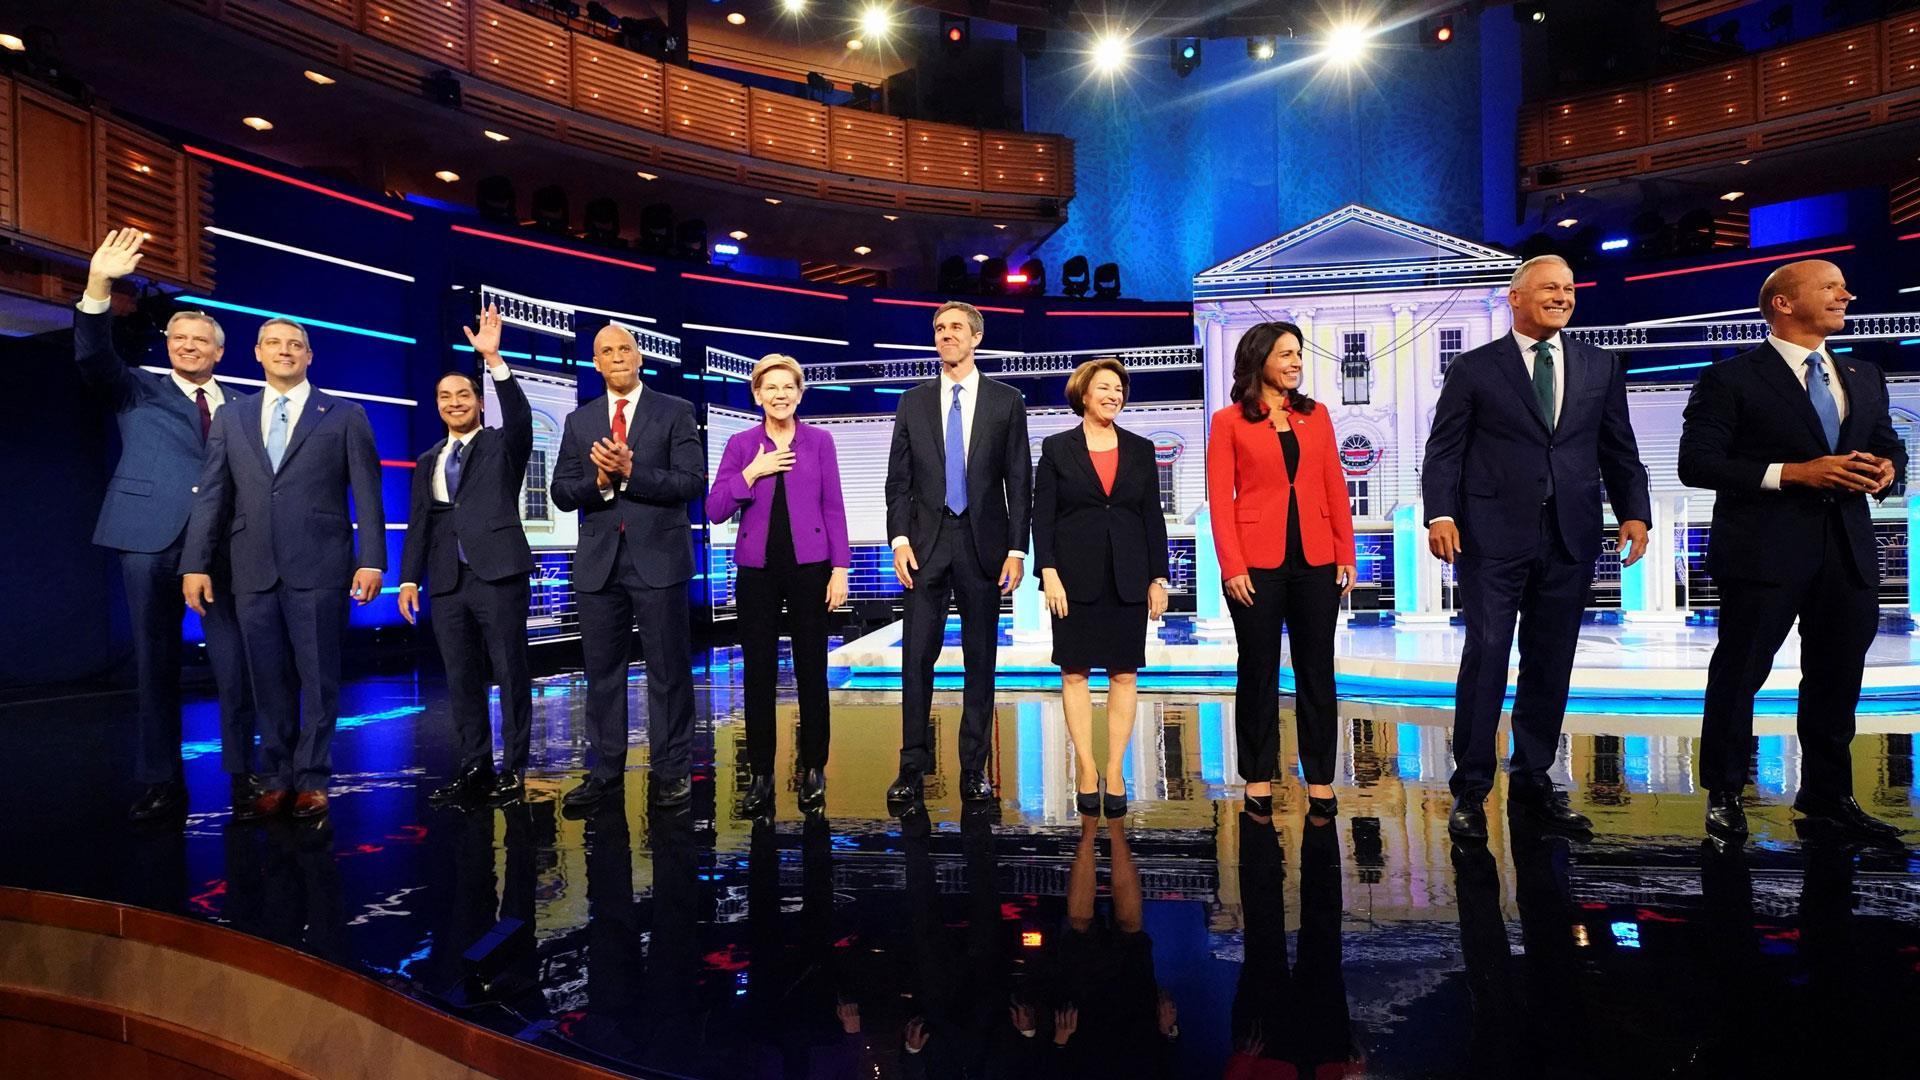 Full video: Democratic presidential debate, night 1